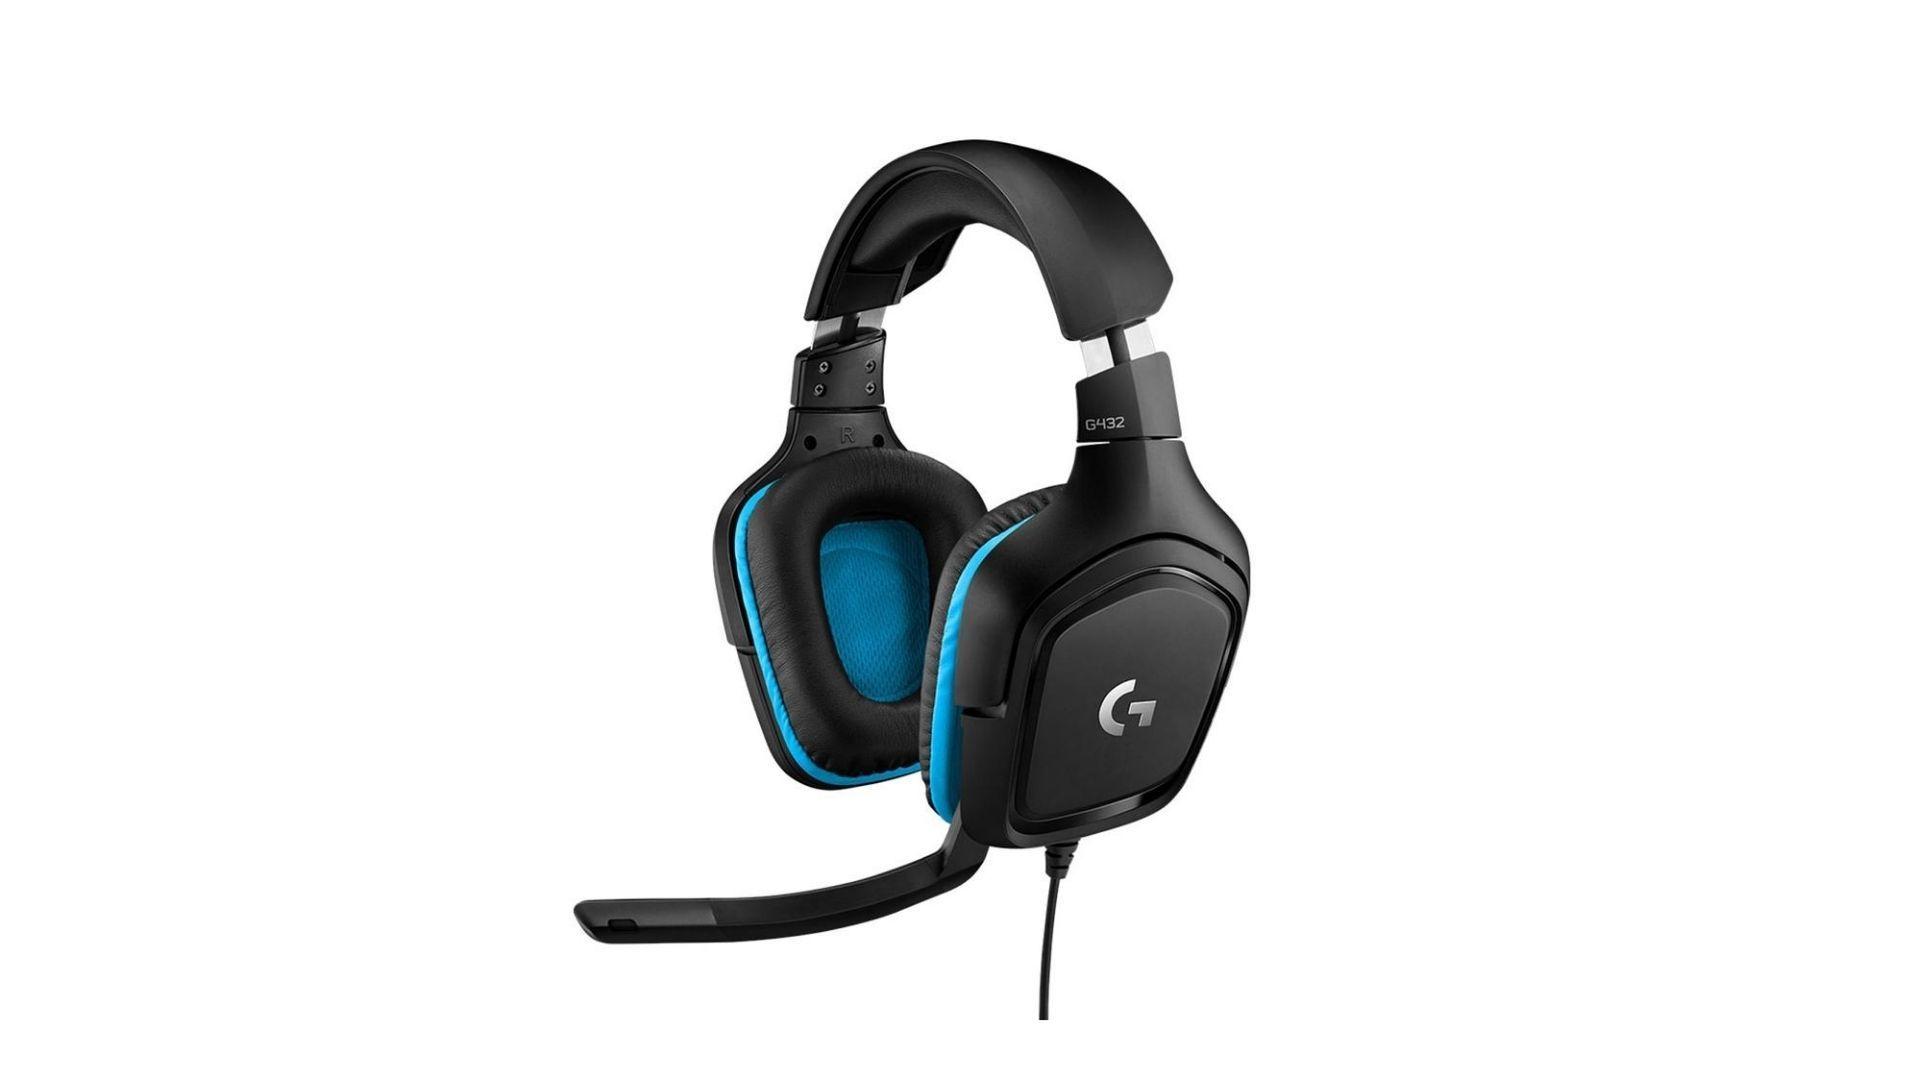 TAG Alt: Headset Logitech G432 em tons de preto e azul